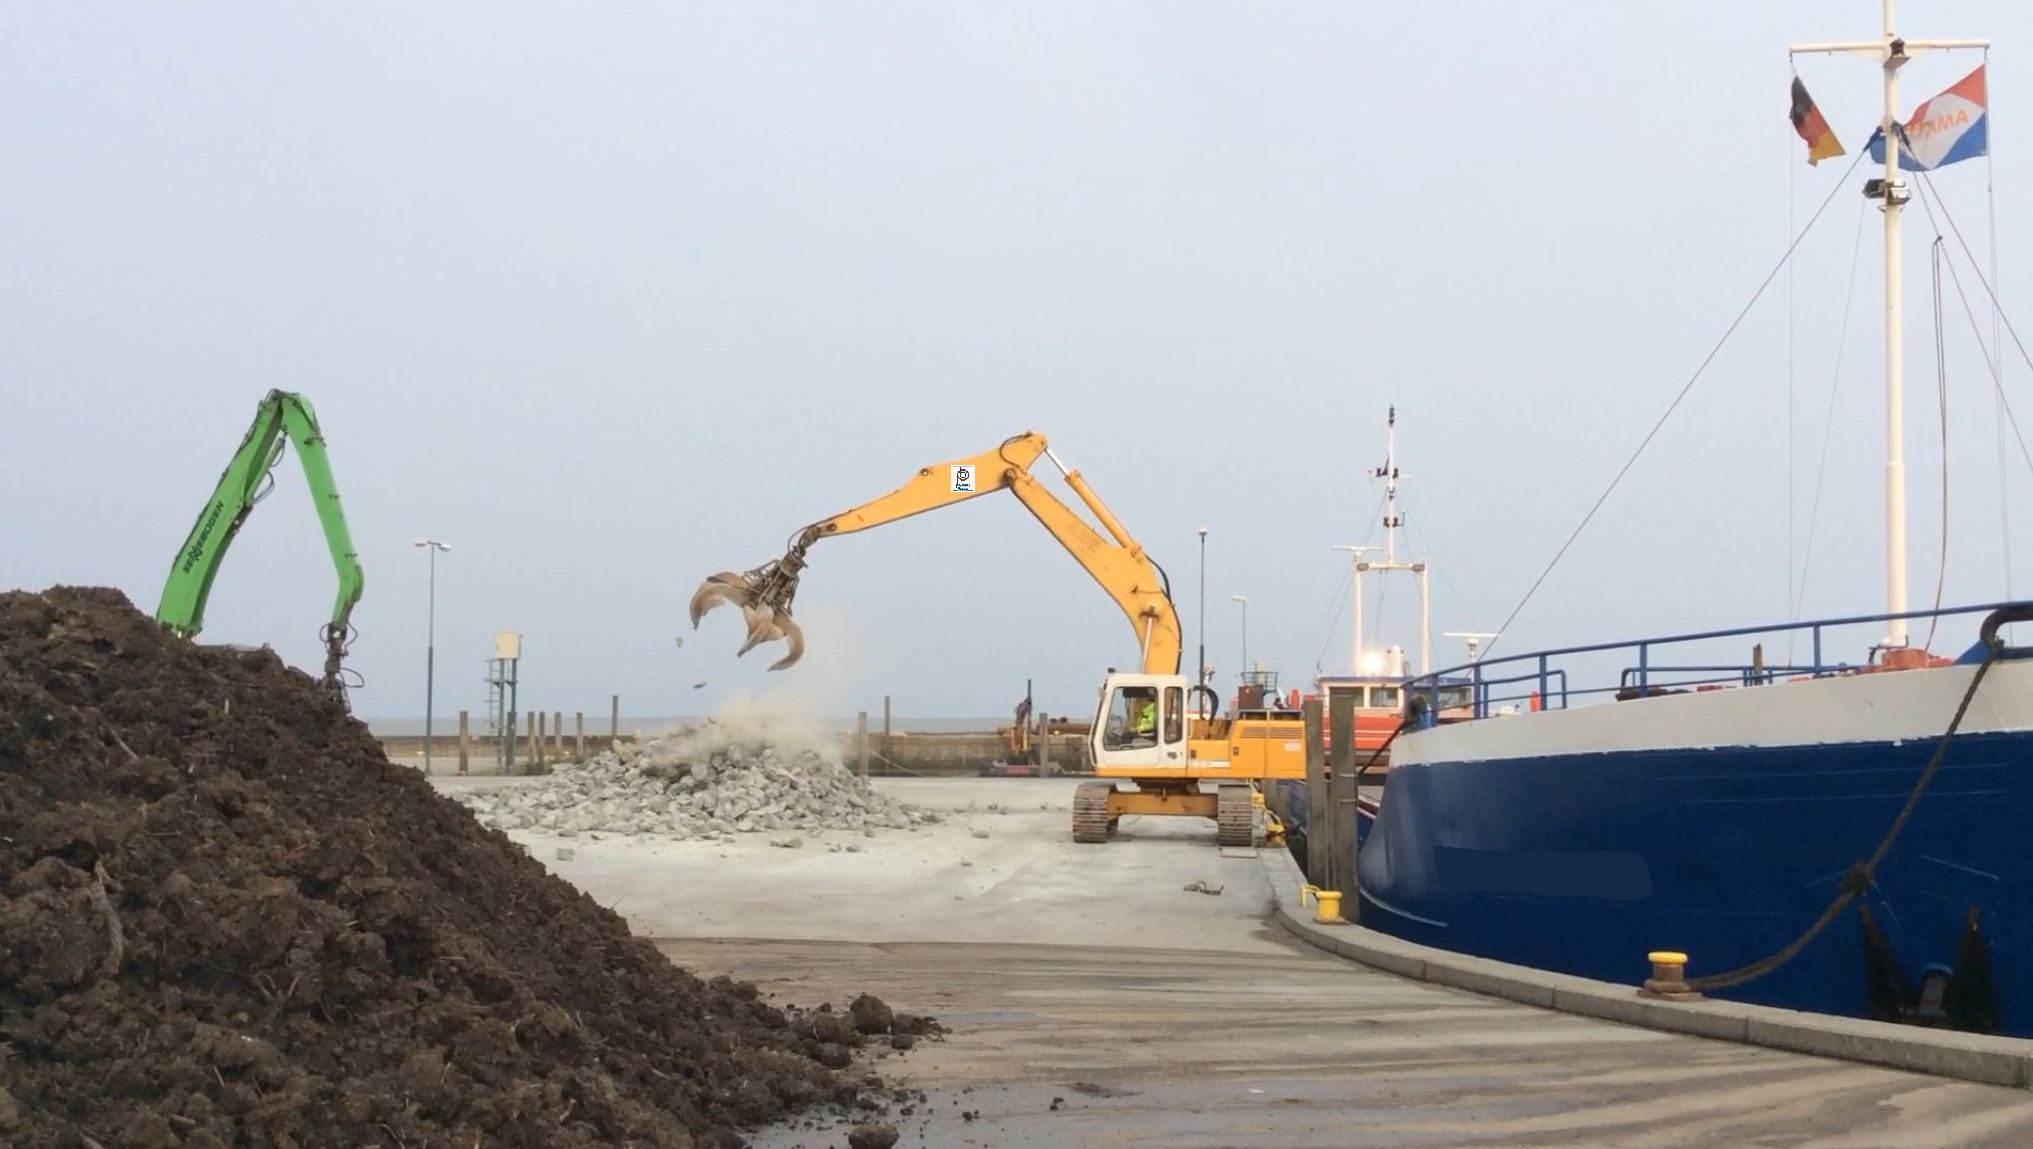 Hohe Anforderung an die Flexibilität der Mitarbeiter, da das Schiff nur bei Hochwasser den Hafen anlaufen kann und dann sofort entladen werden muss.